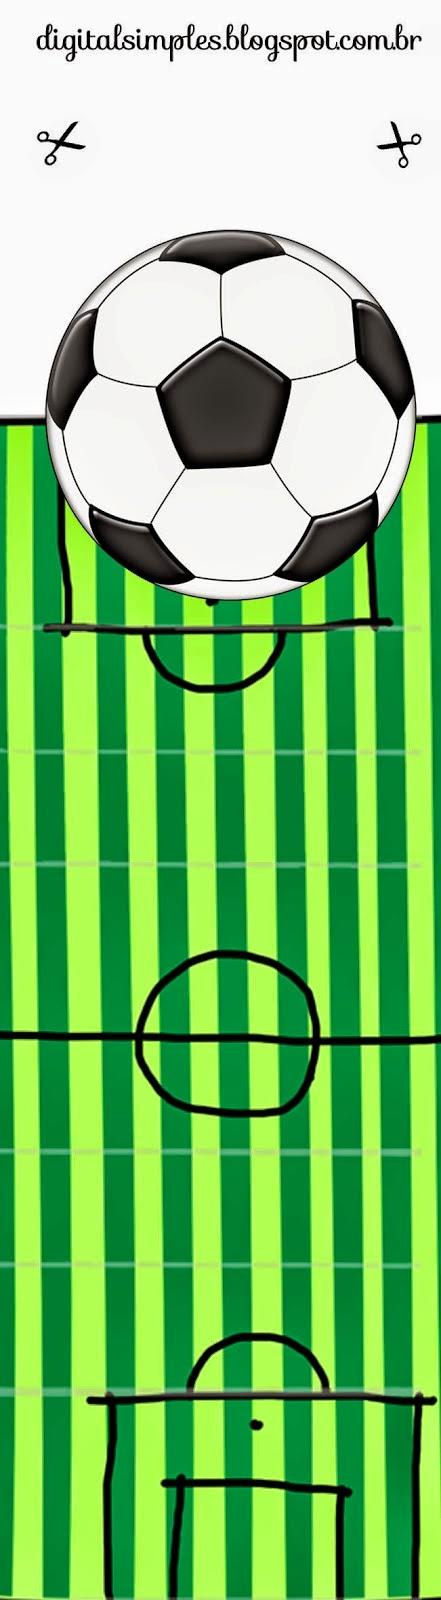 Futbol: Envoltorios Especiales para Golosinas, para Imprimir Gratis ...